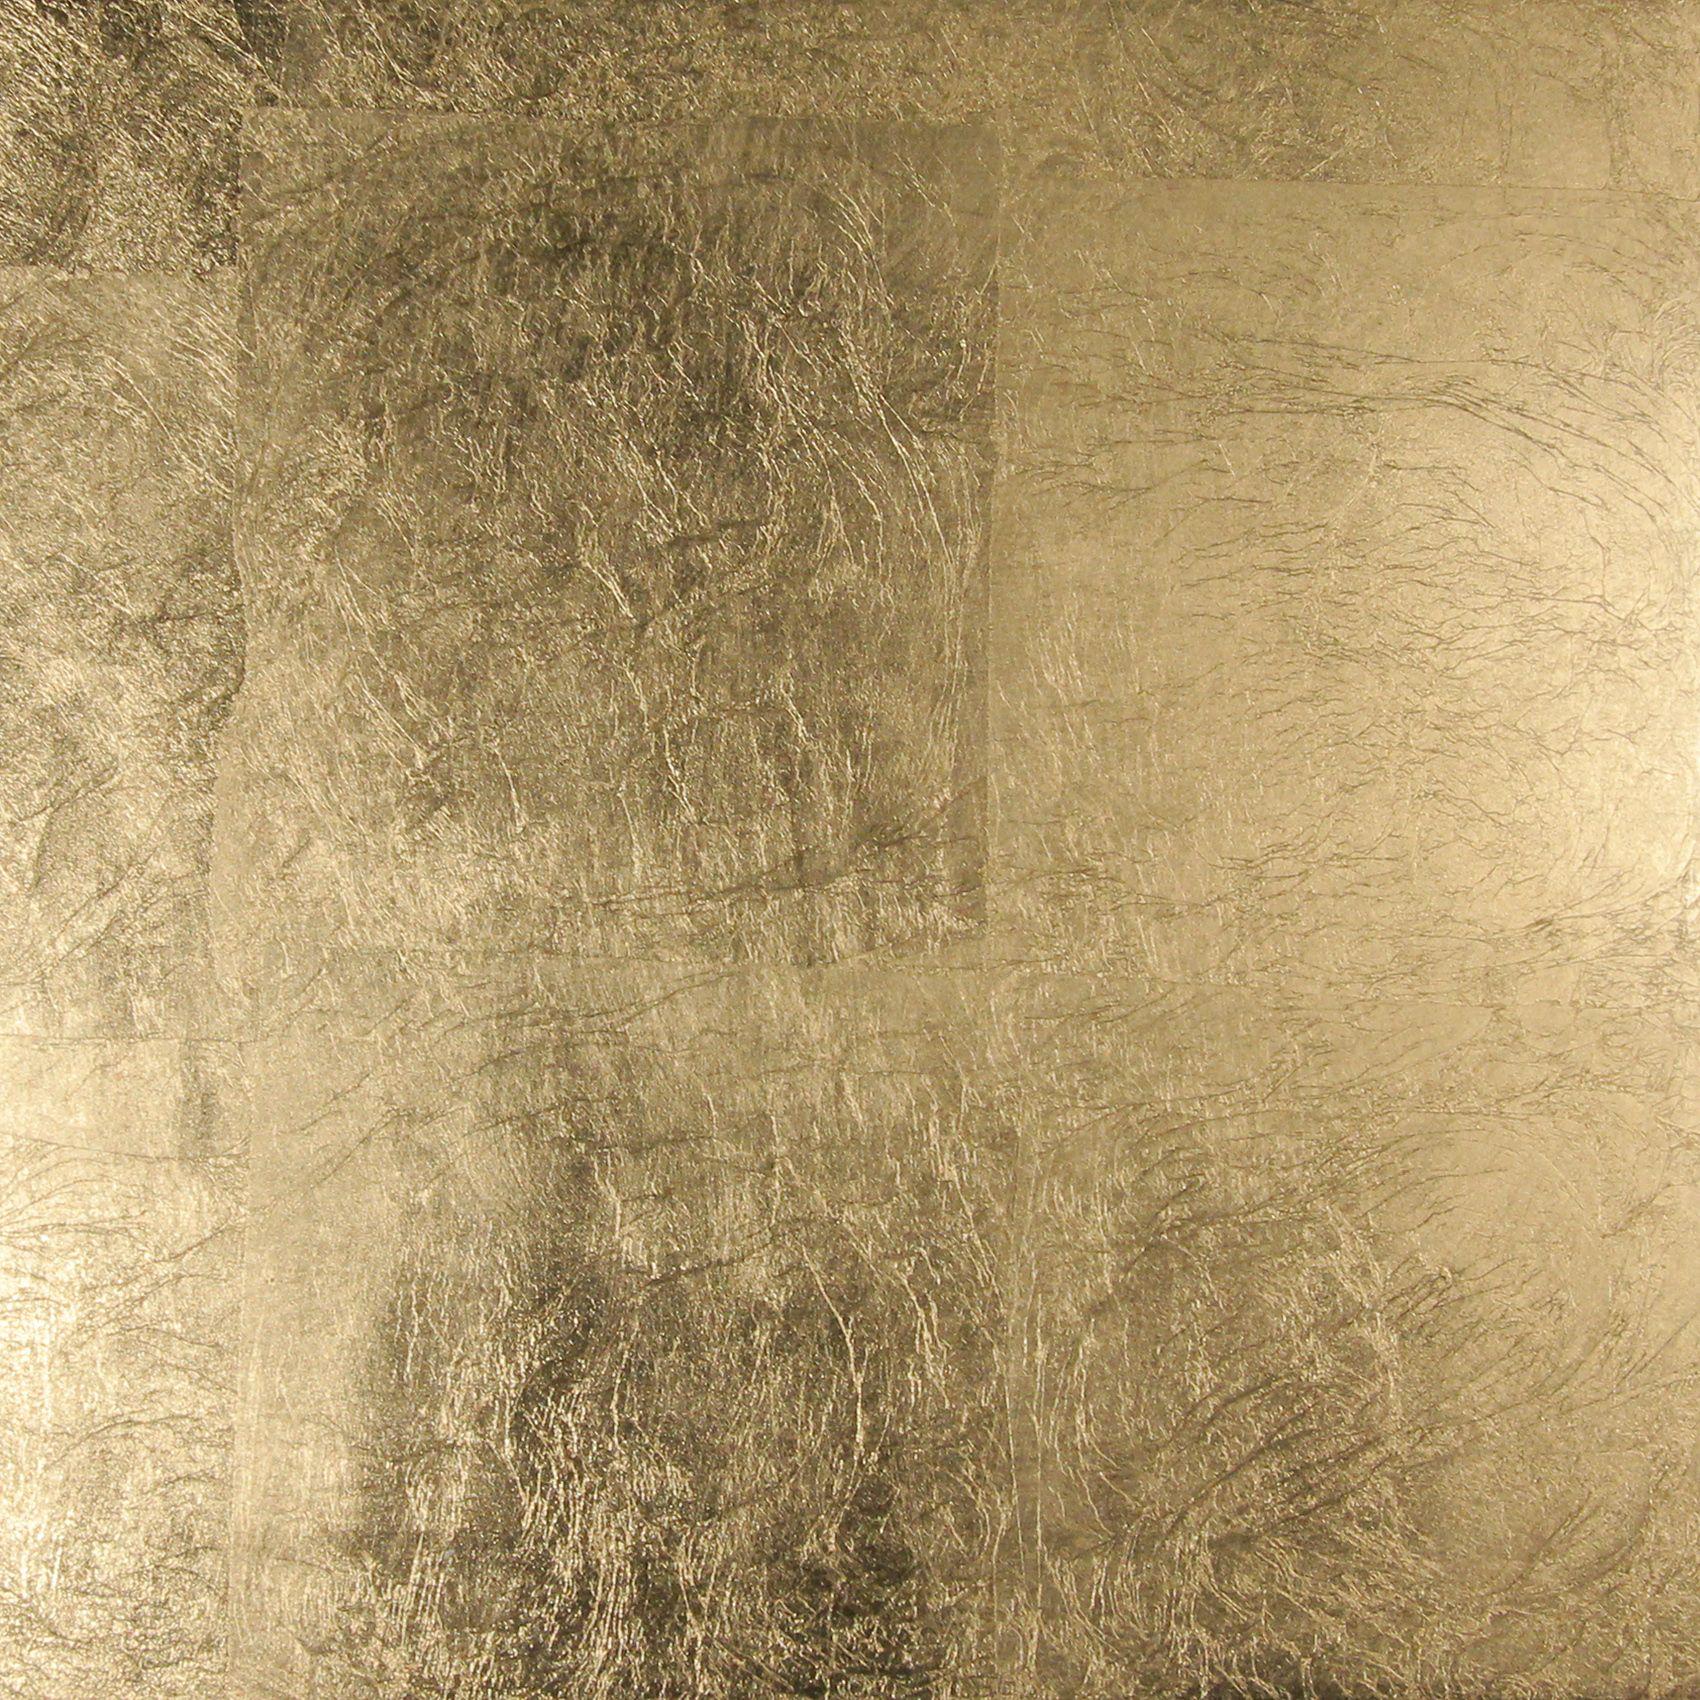 goldleaf-2.jpg (JPEG Image, 1700 × 1700 pixels) - Scaled ...